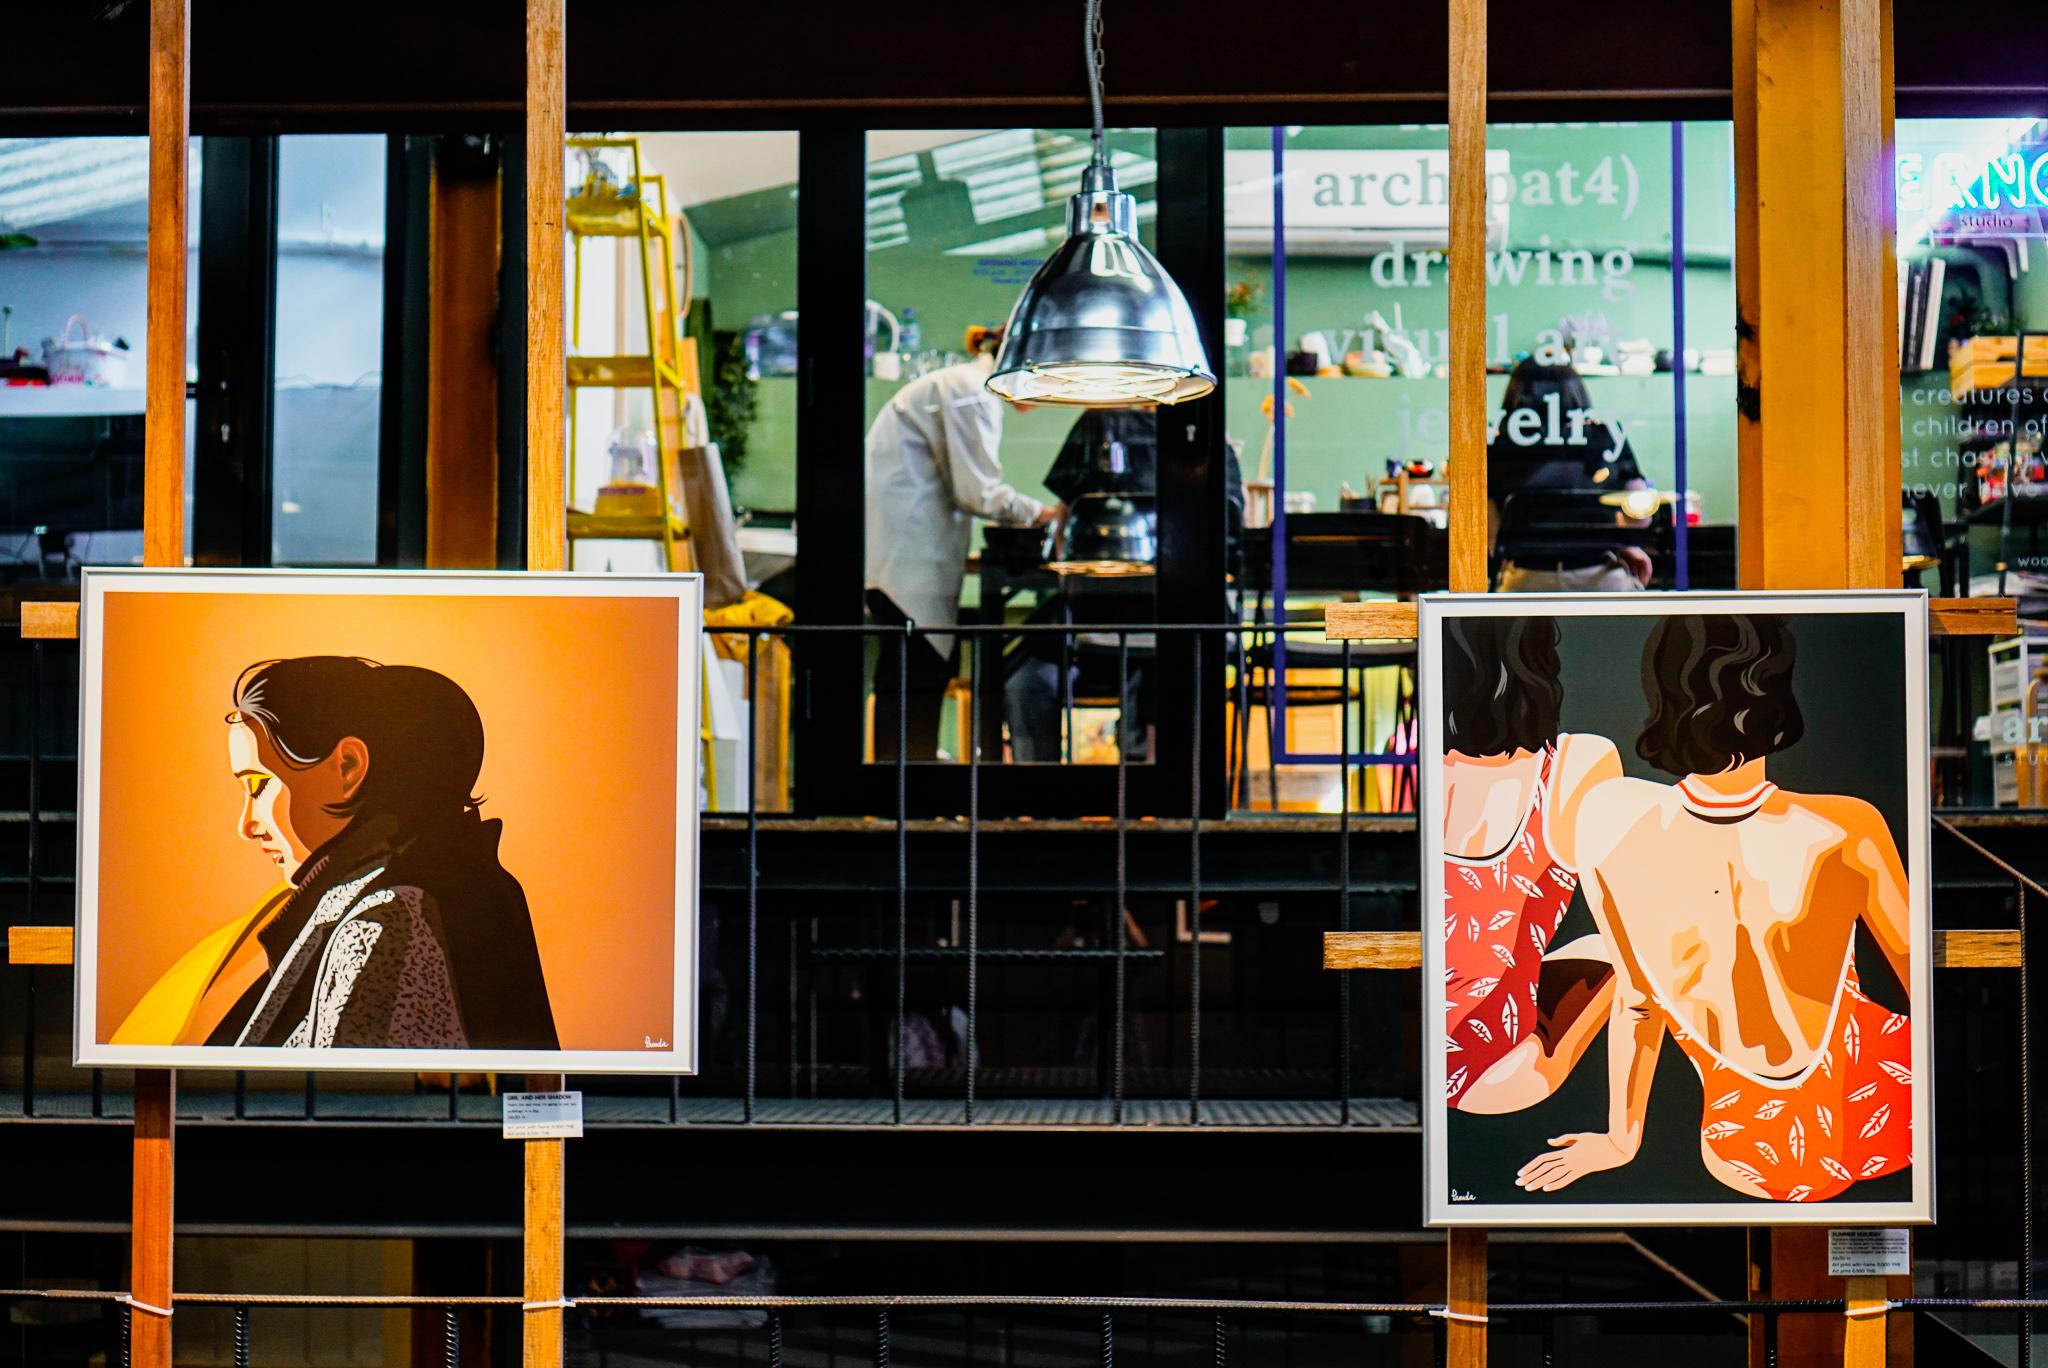 バンコク・センセープ運河沿いのアートスペース&カフェ「YELO House」